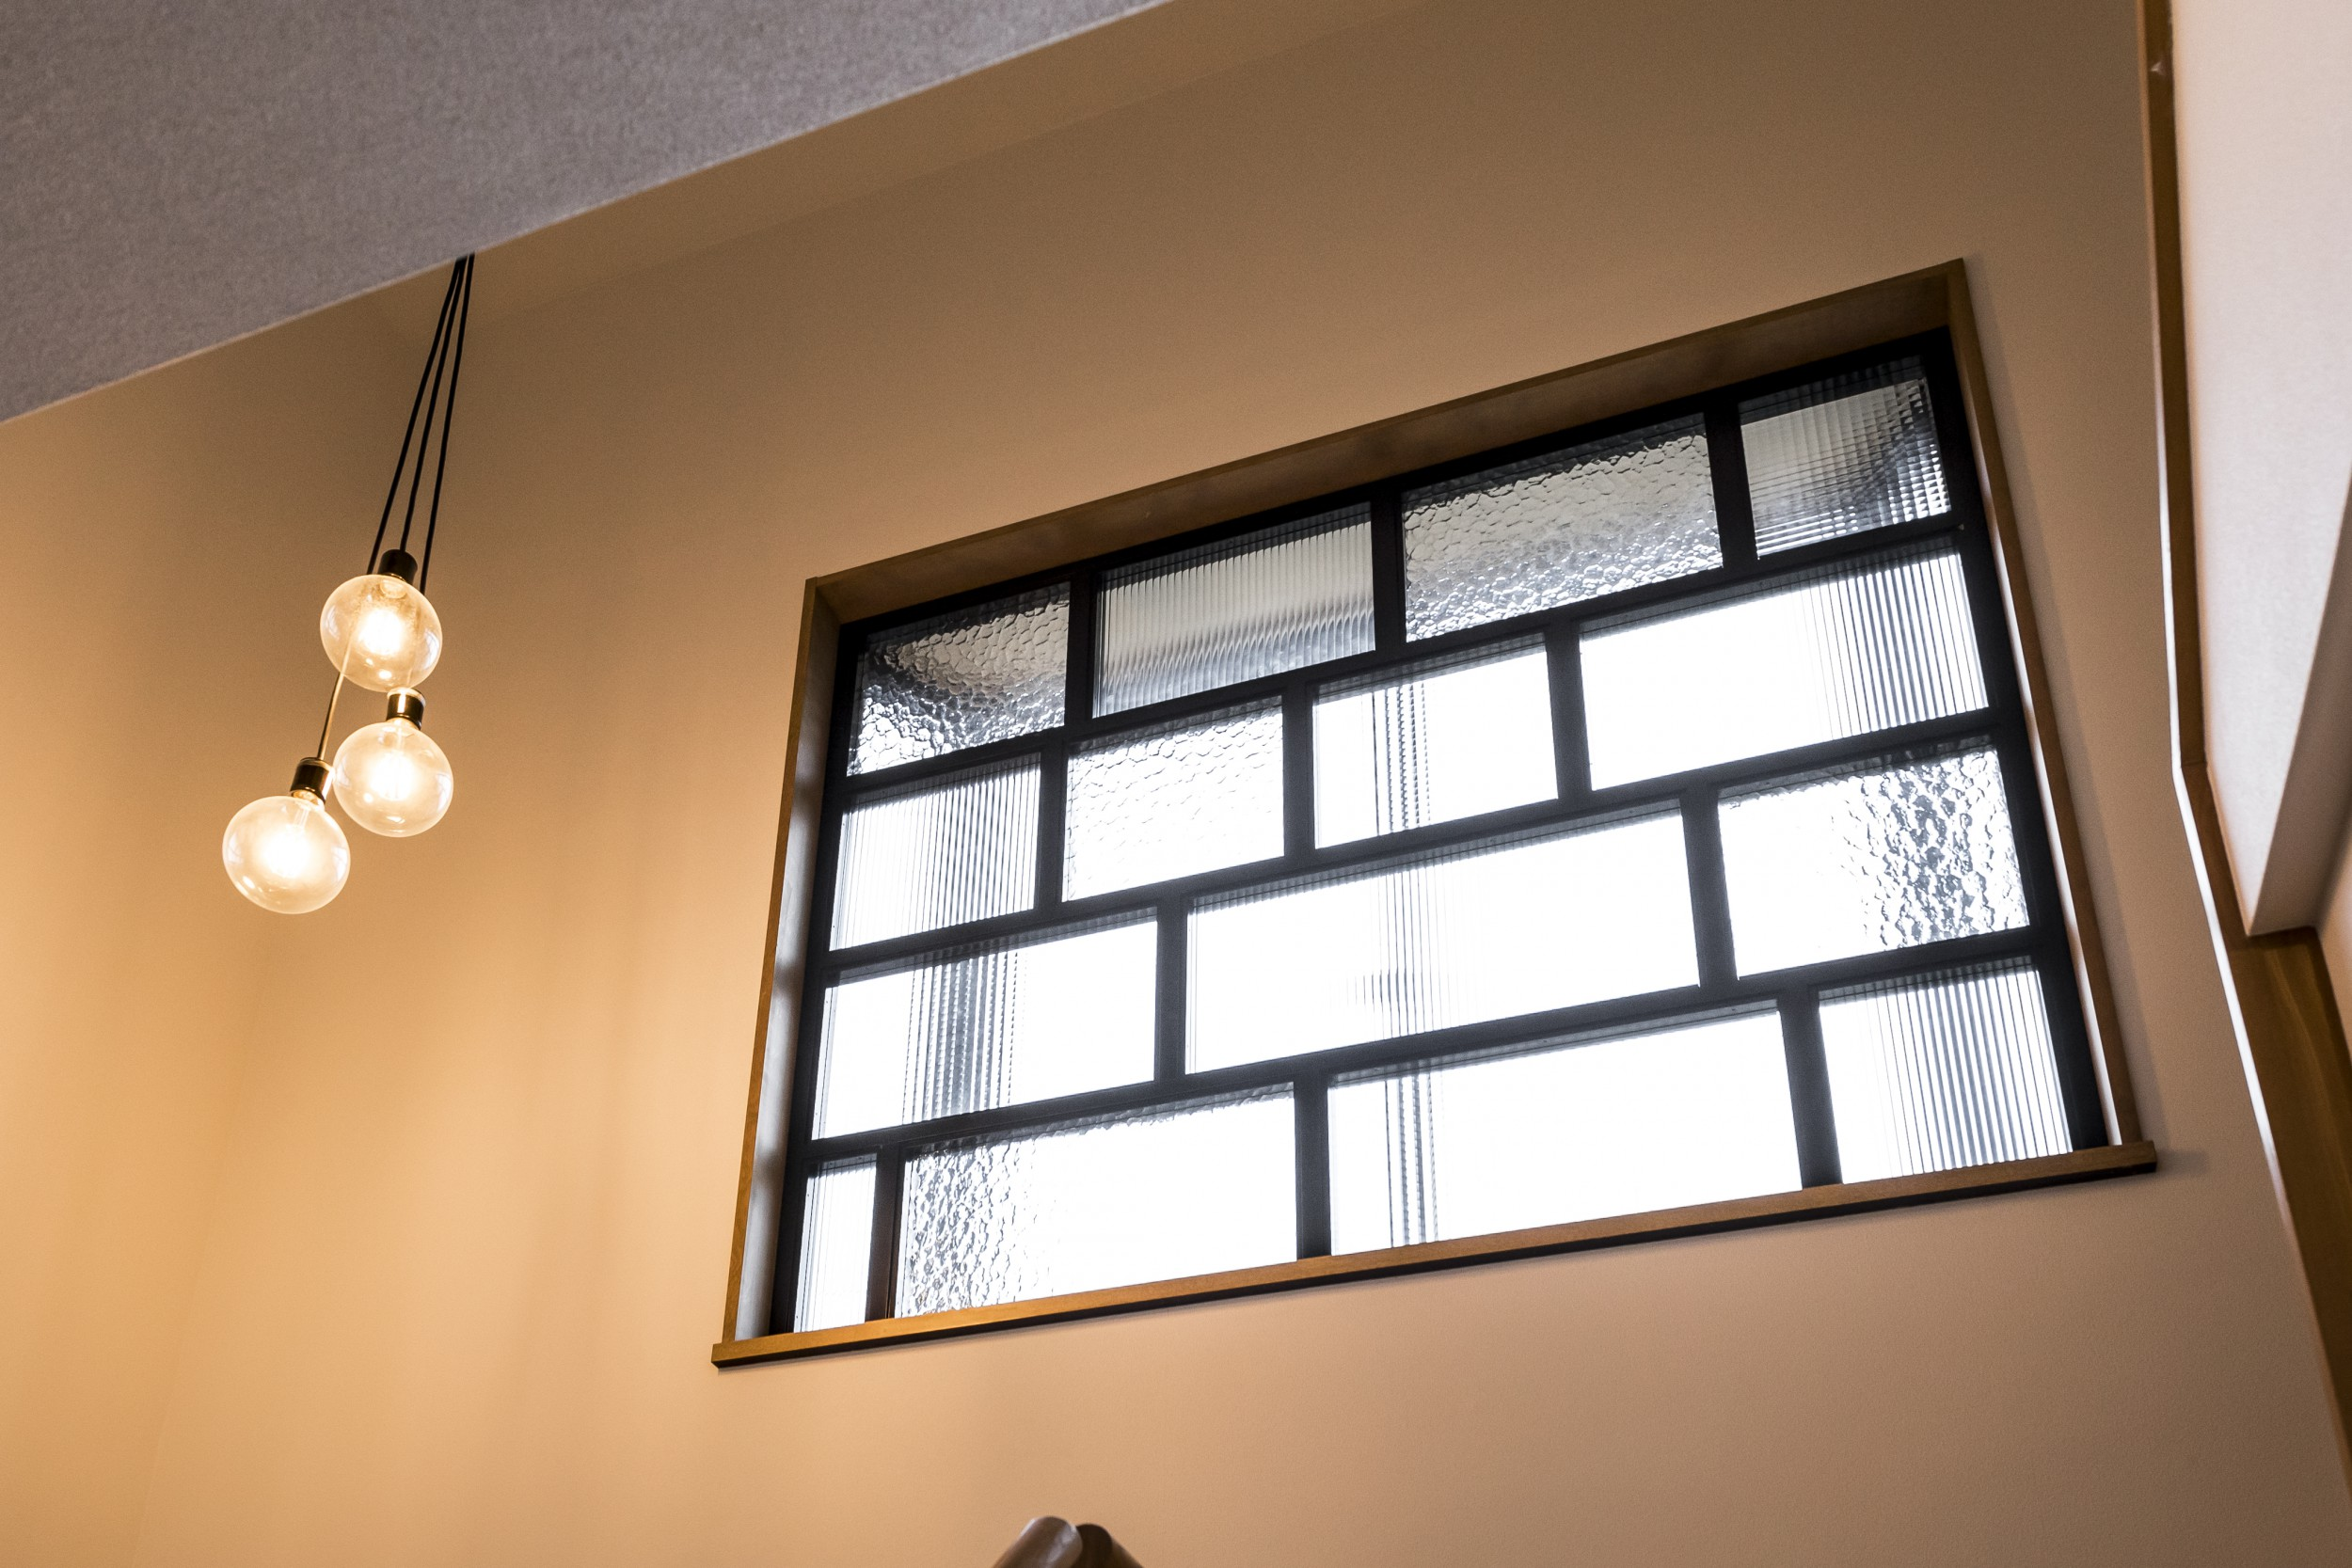 岐阜市H様邸のリノベーション事例のエントランスアンティークガラス